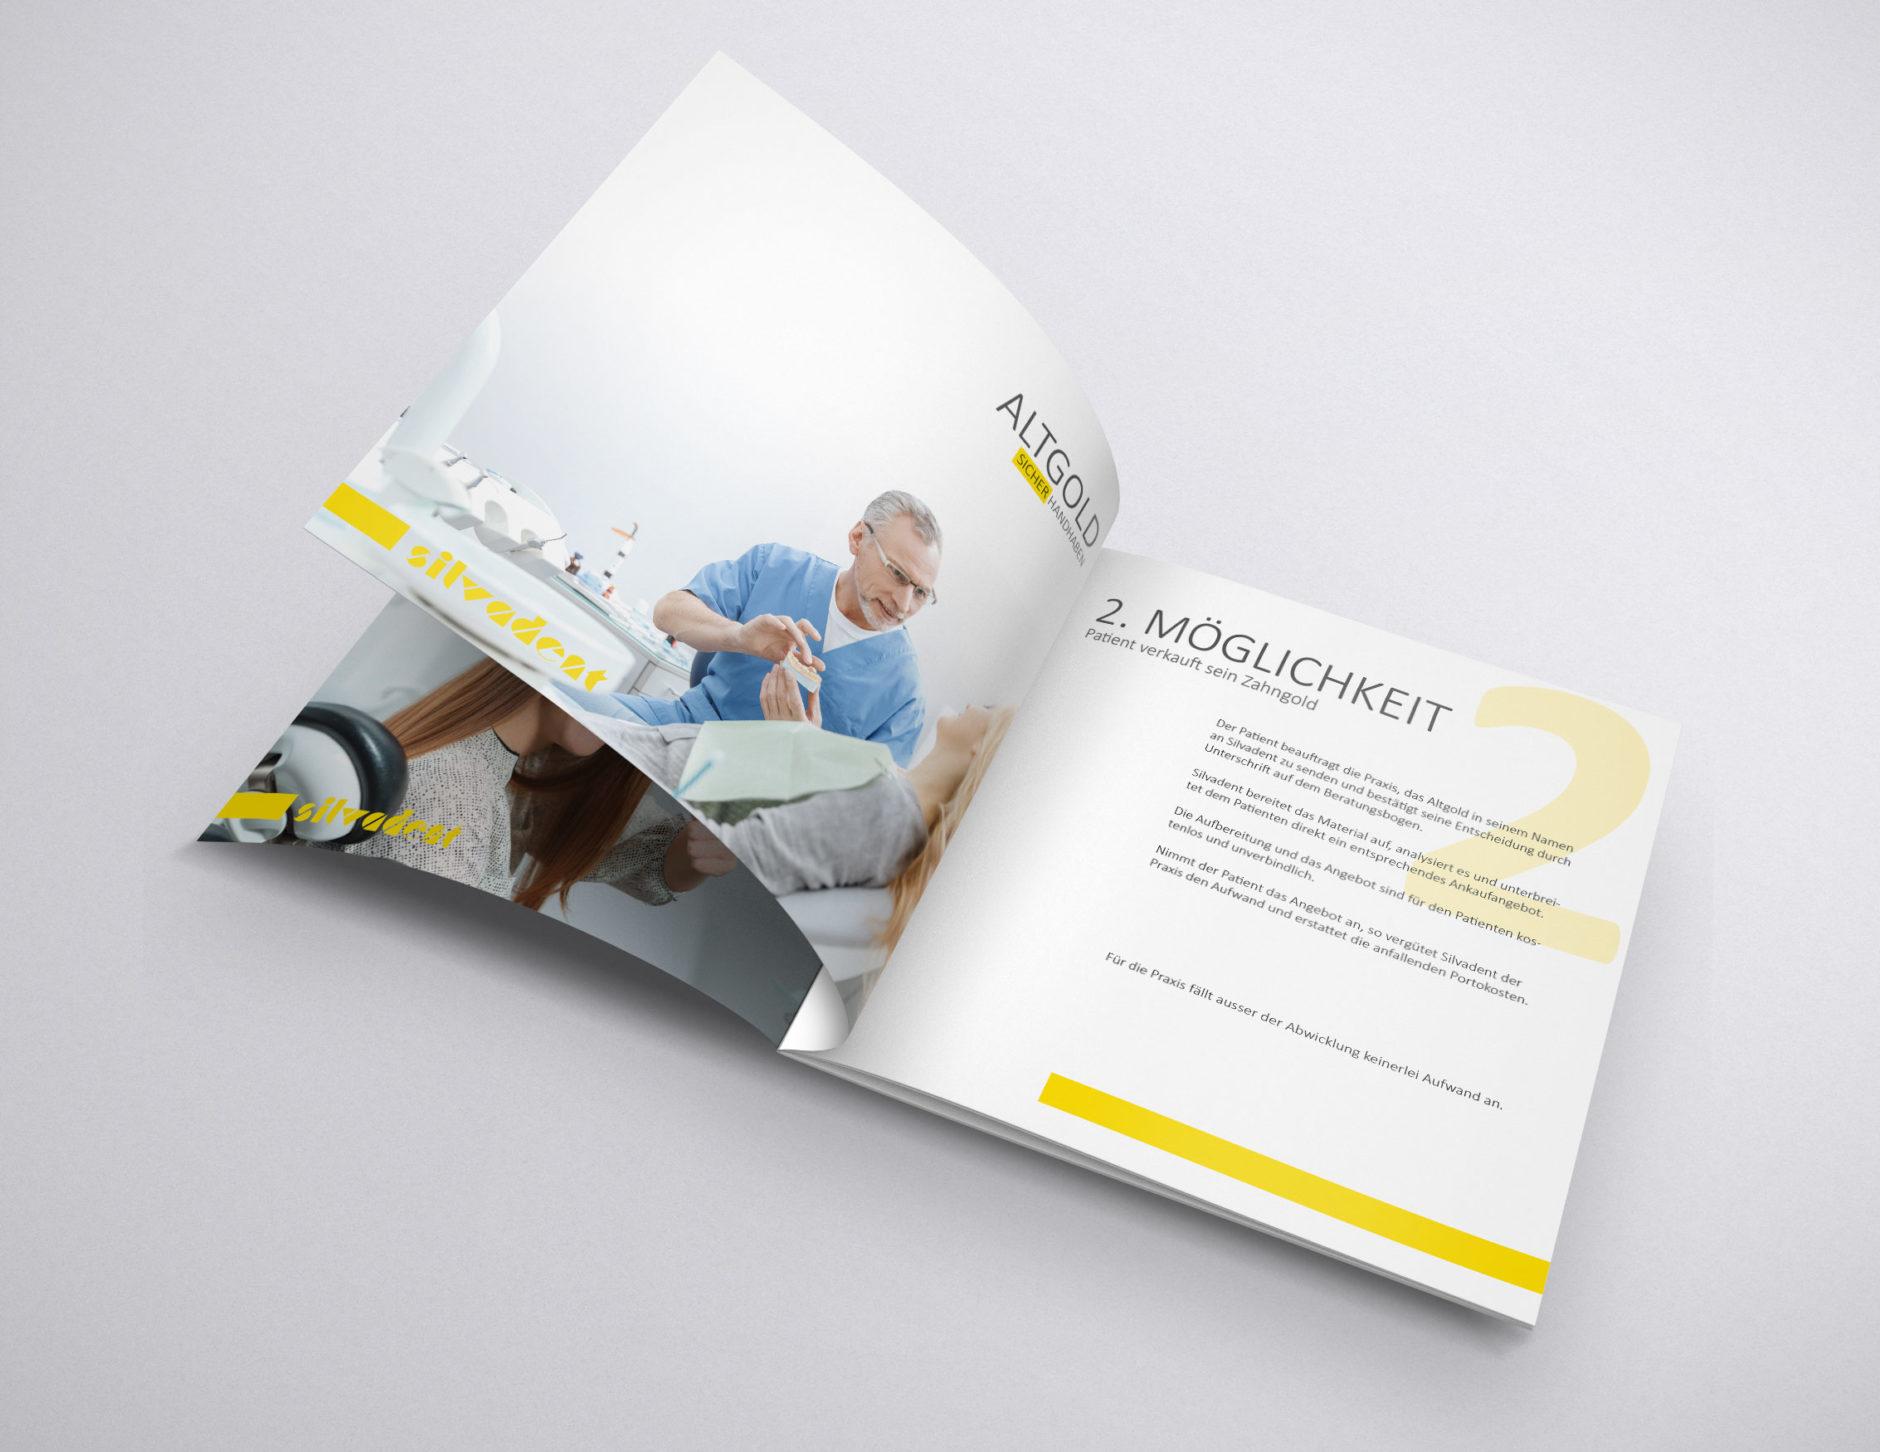 silvadent broschuere infoflyer zahngold altgold q4 56-Broschüre Silvadent